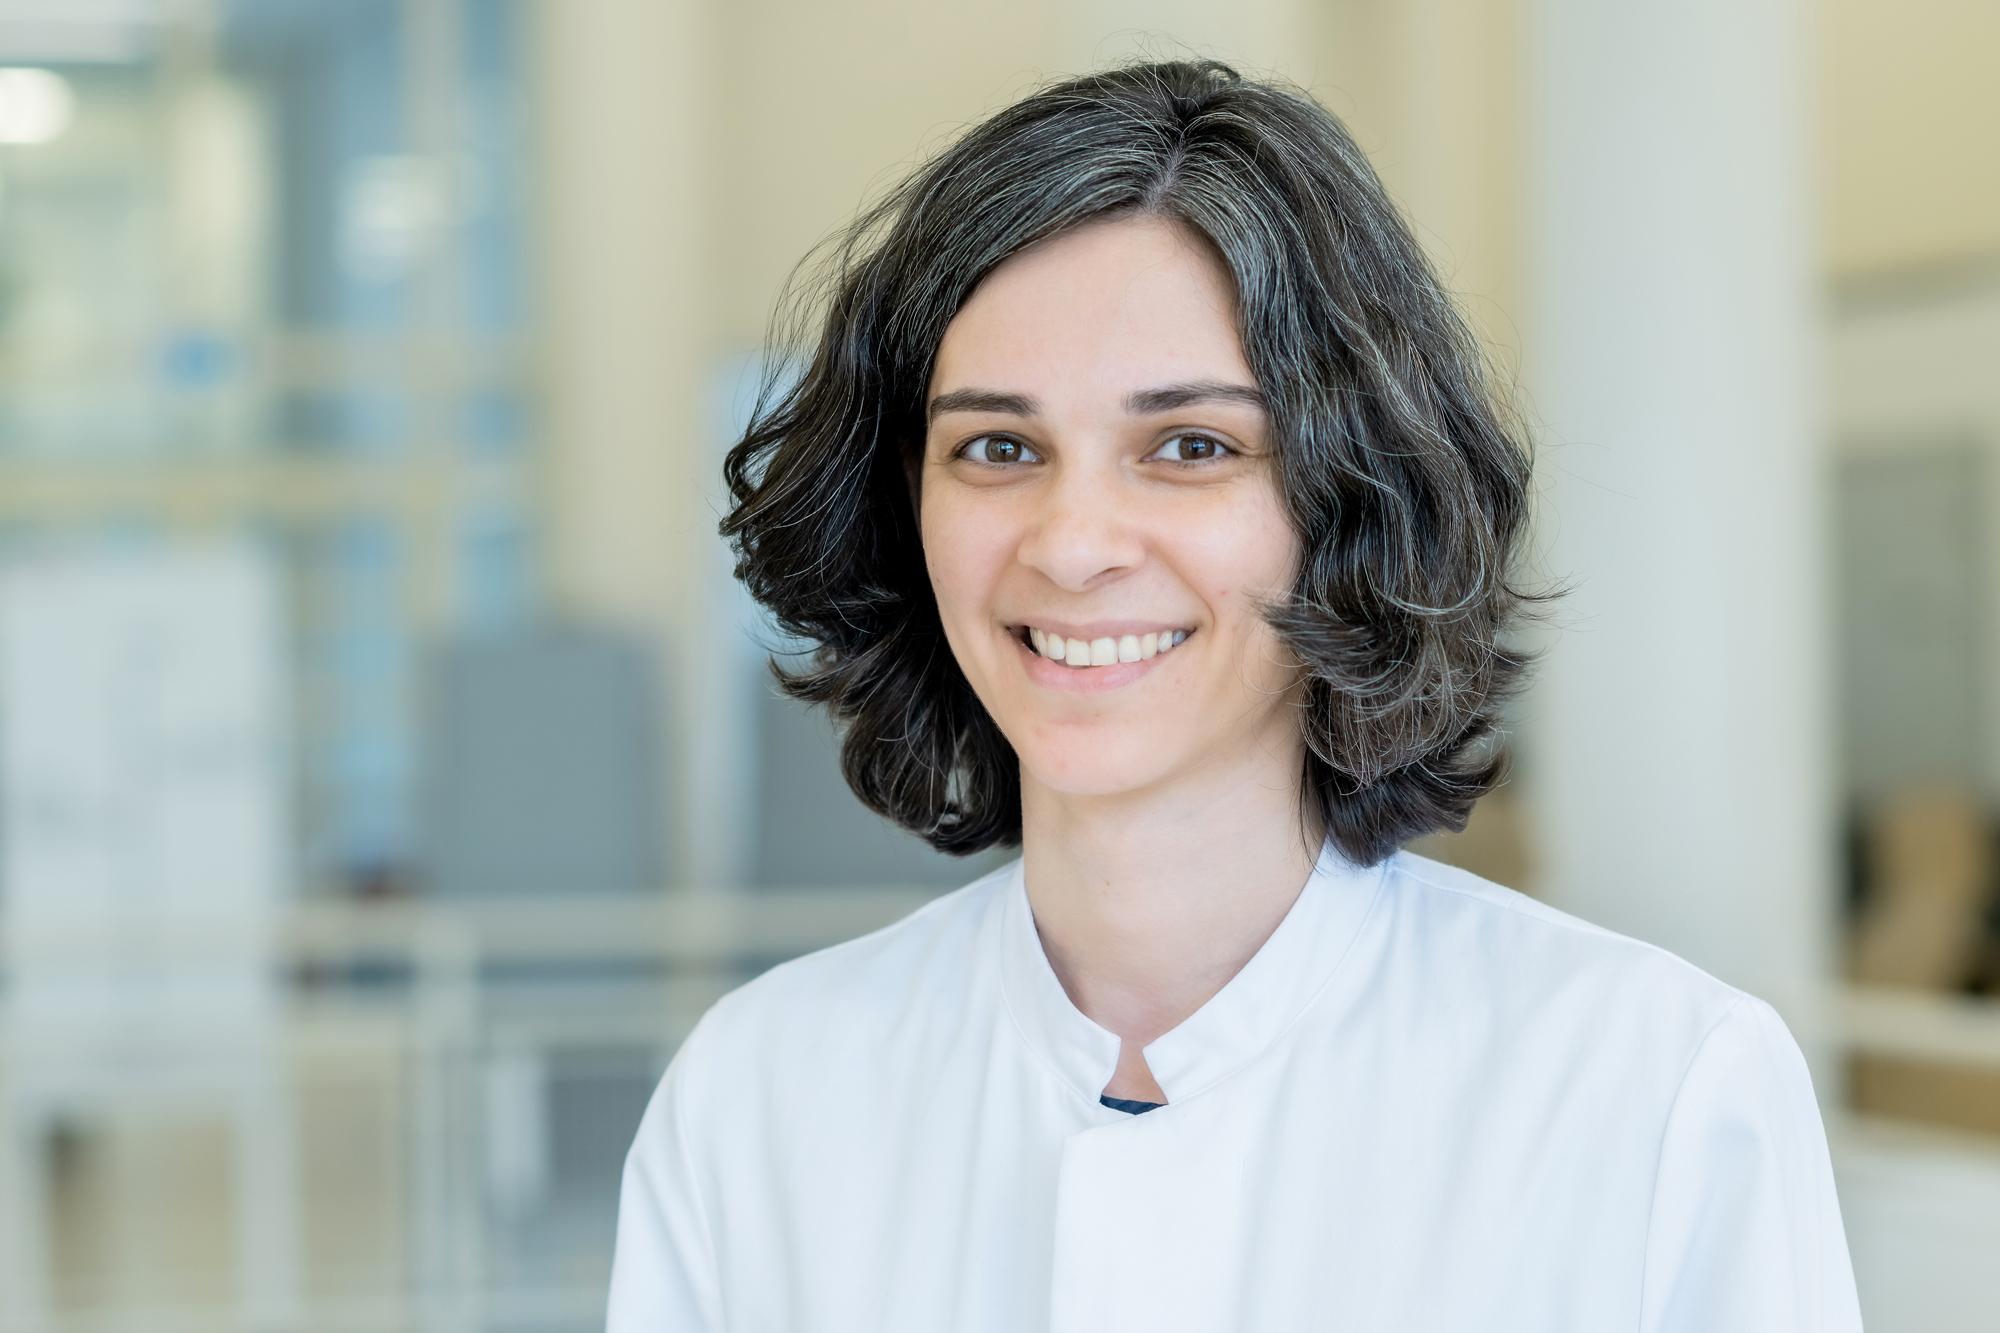 Sara Oubari